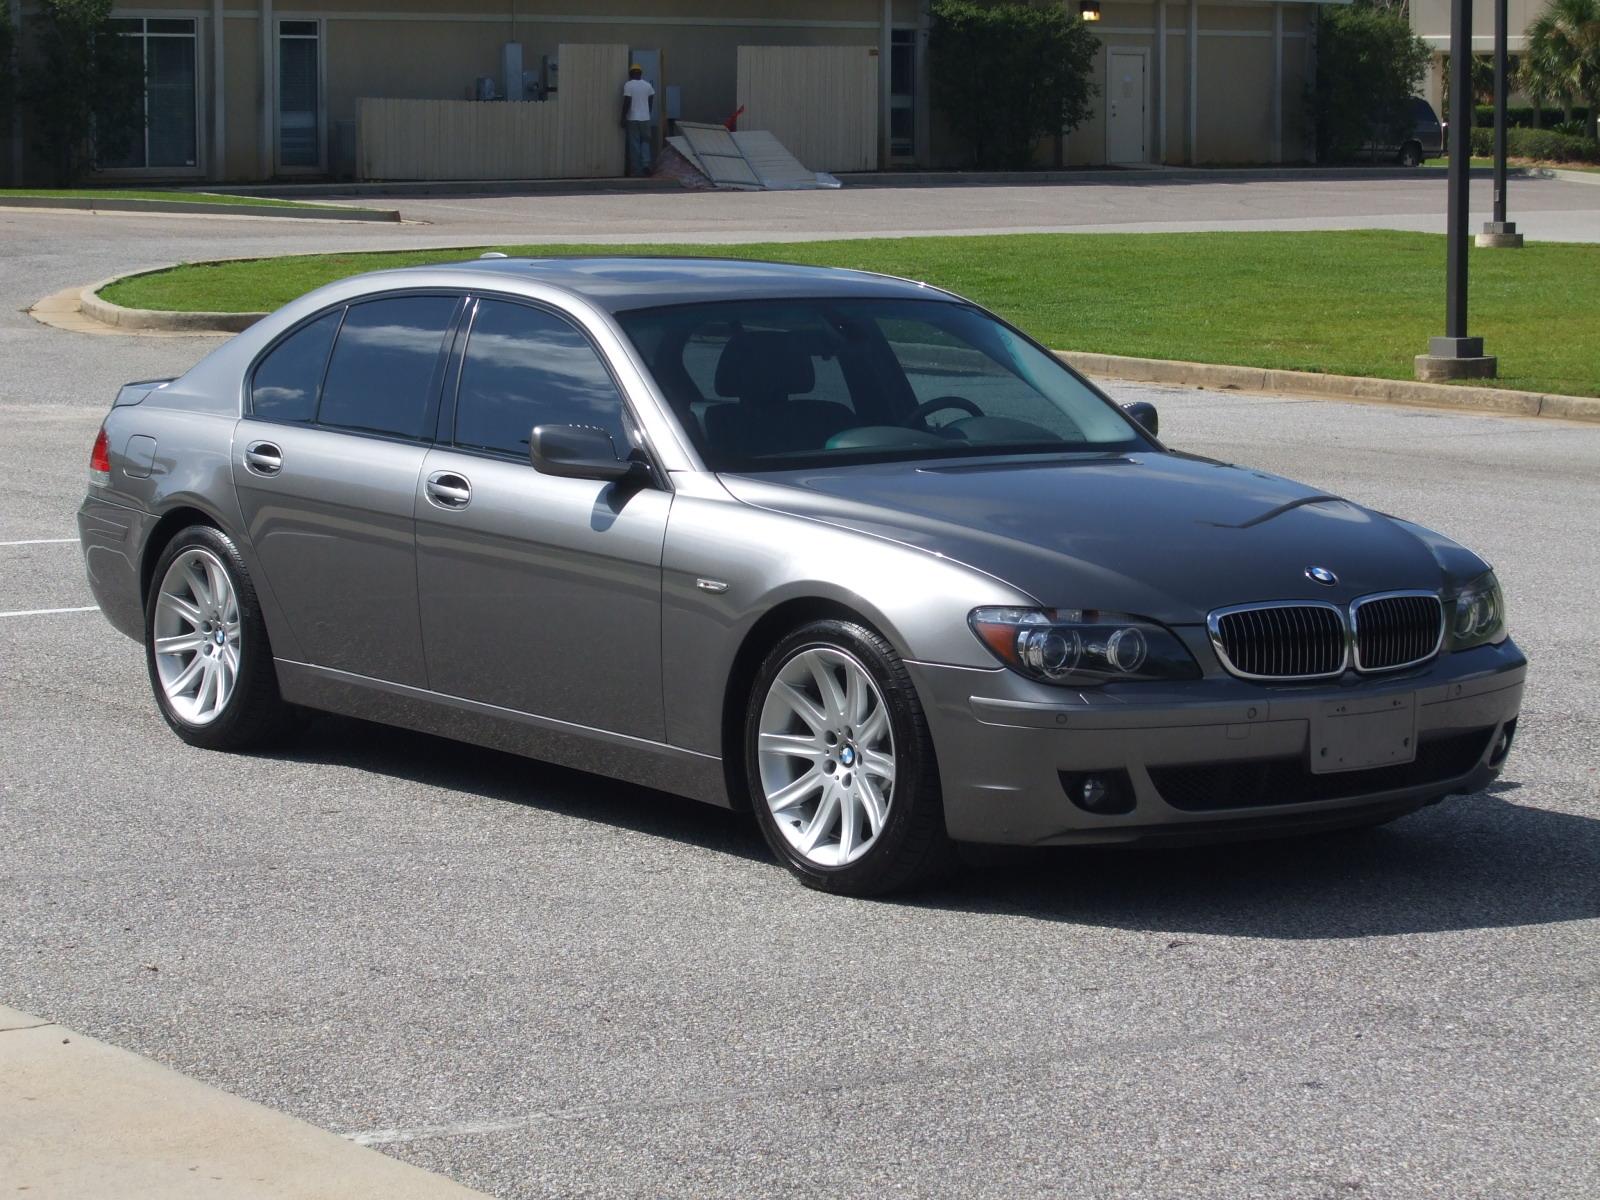 2006 Bmw 750i >> 2006 BMW 7 SERIES - Image #18